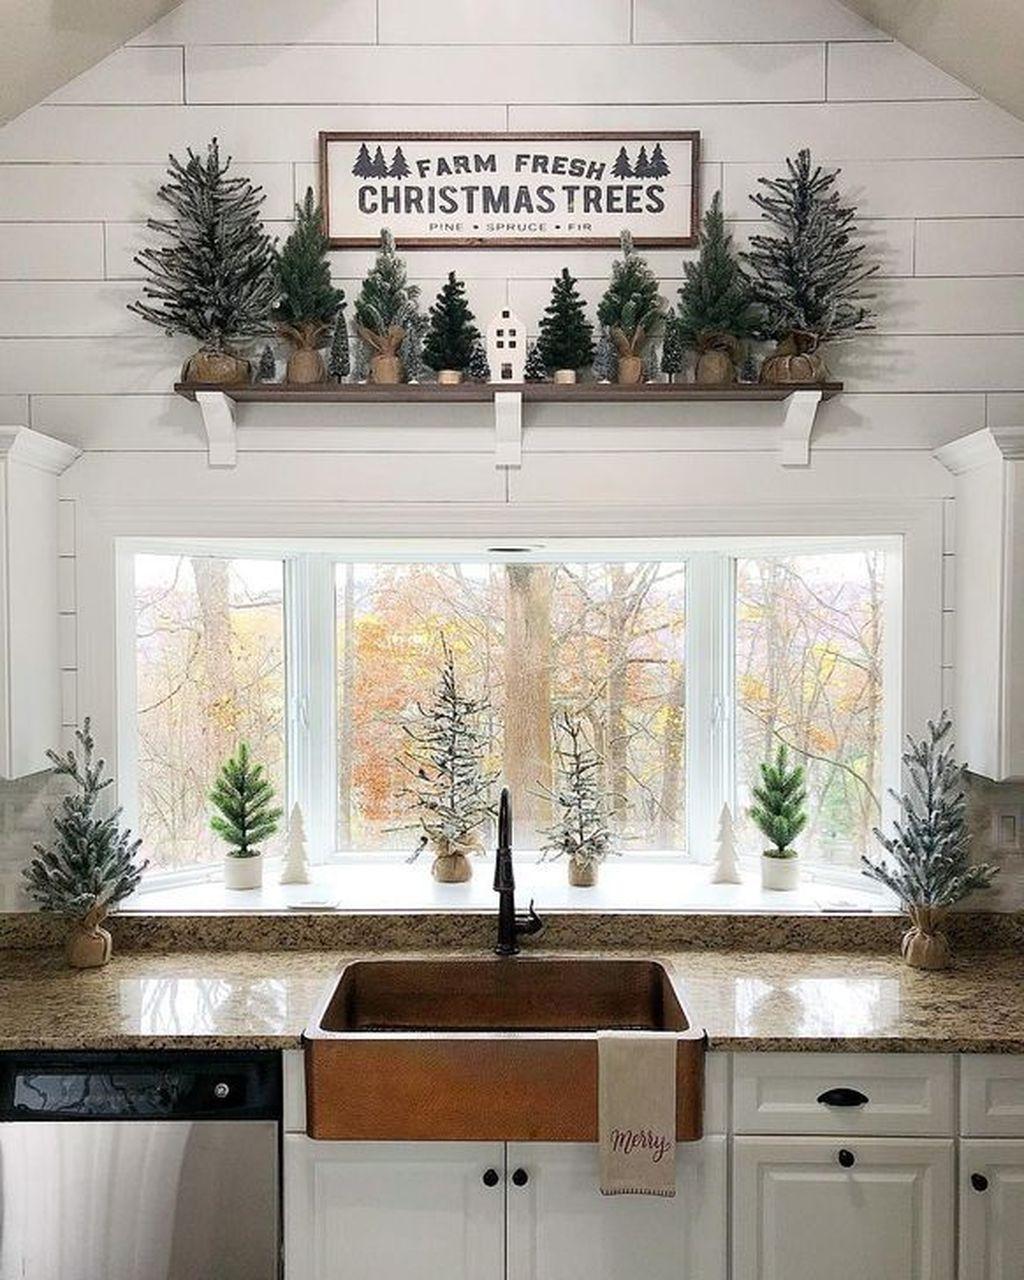 Awesome Christmas Theme Kitchen Decor Ideas 04